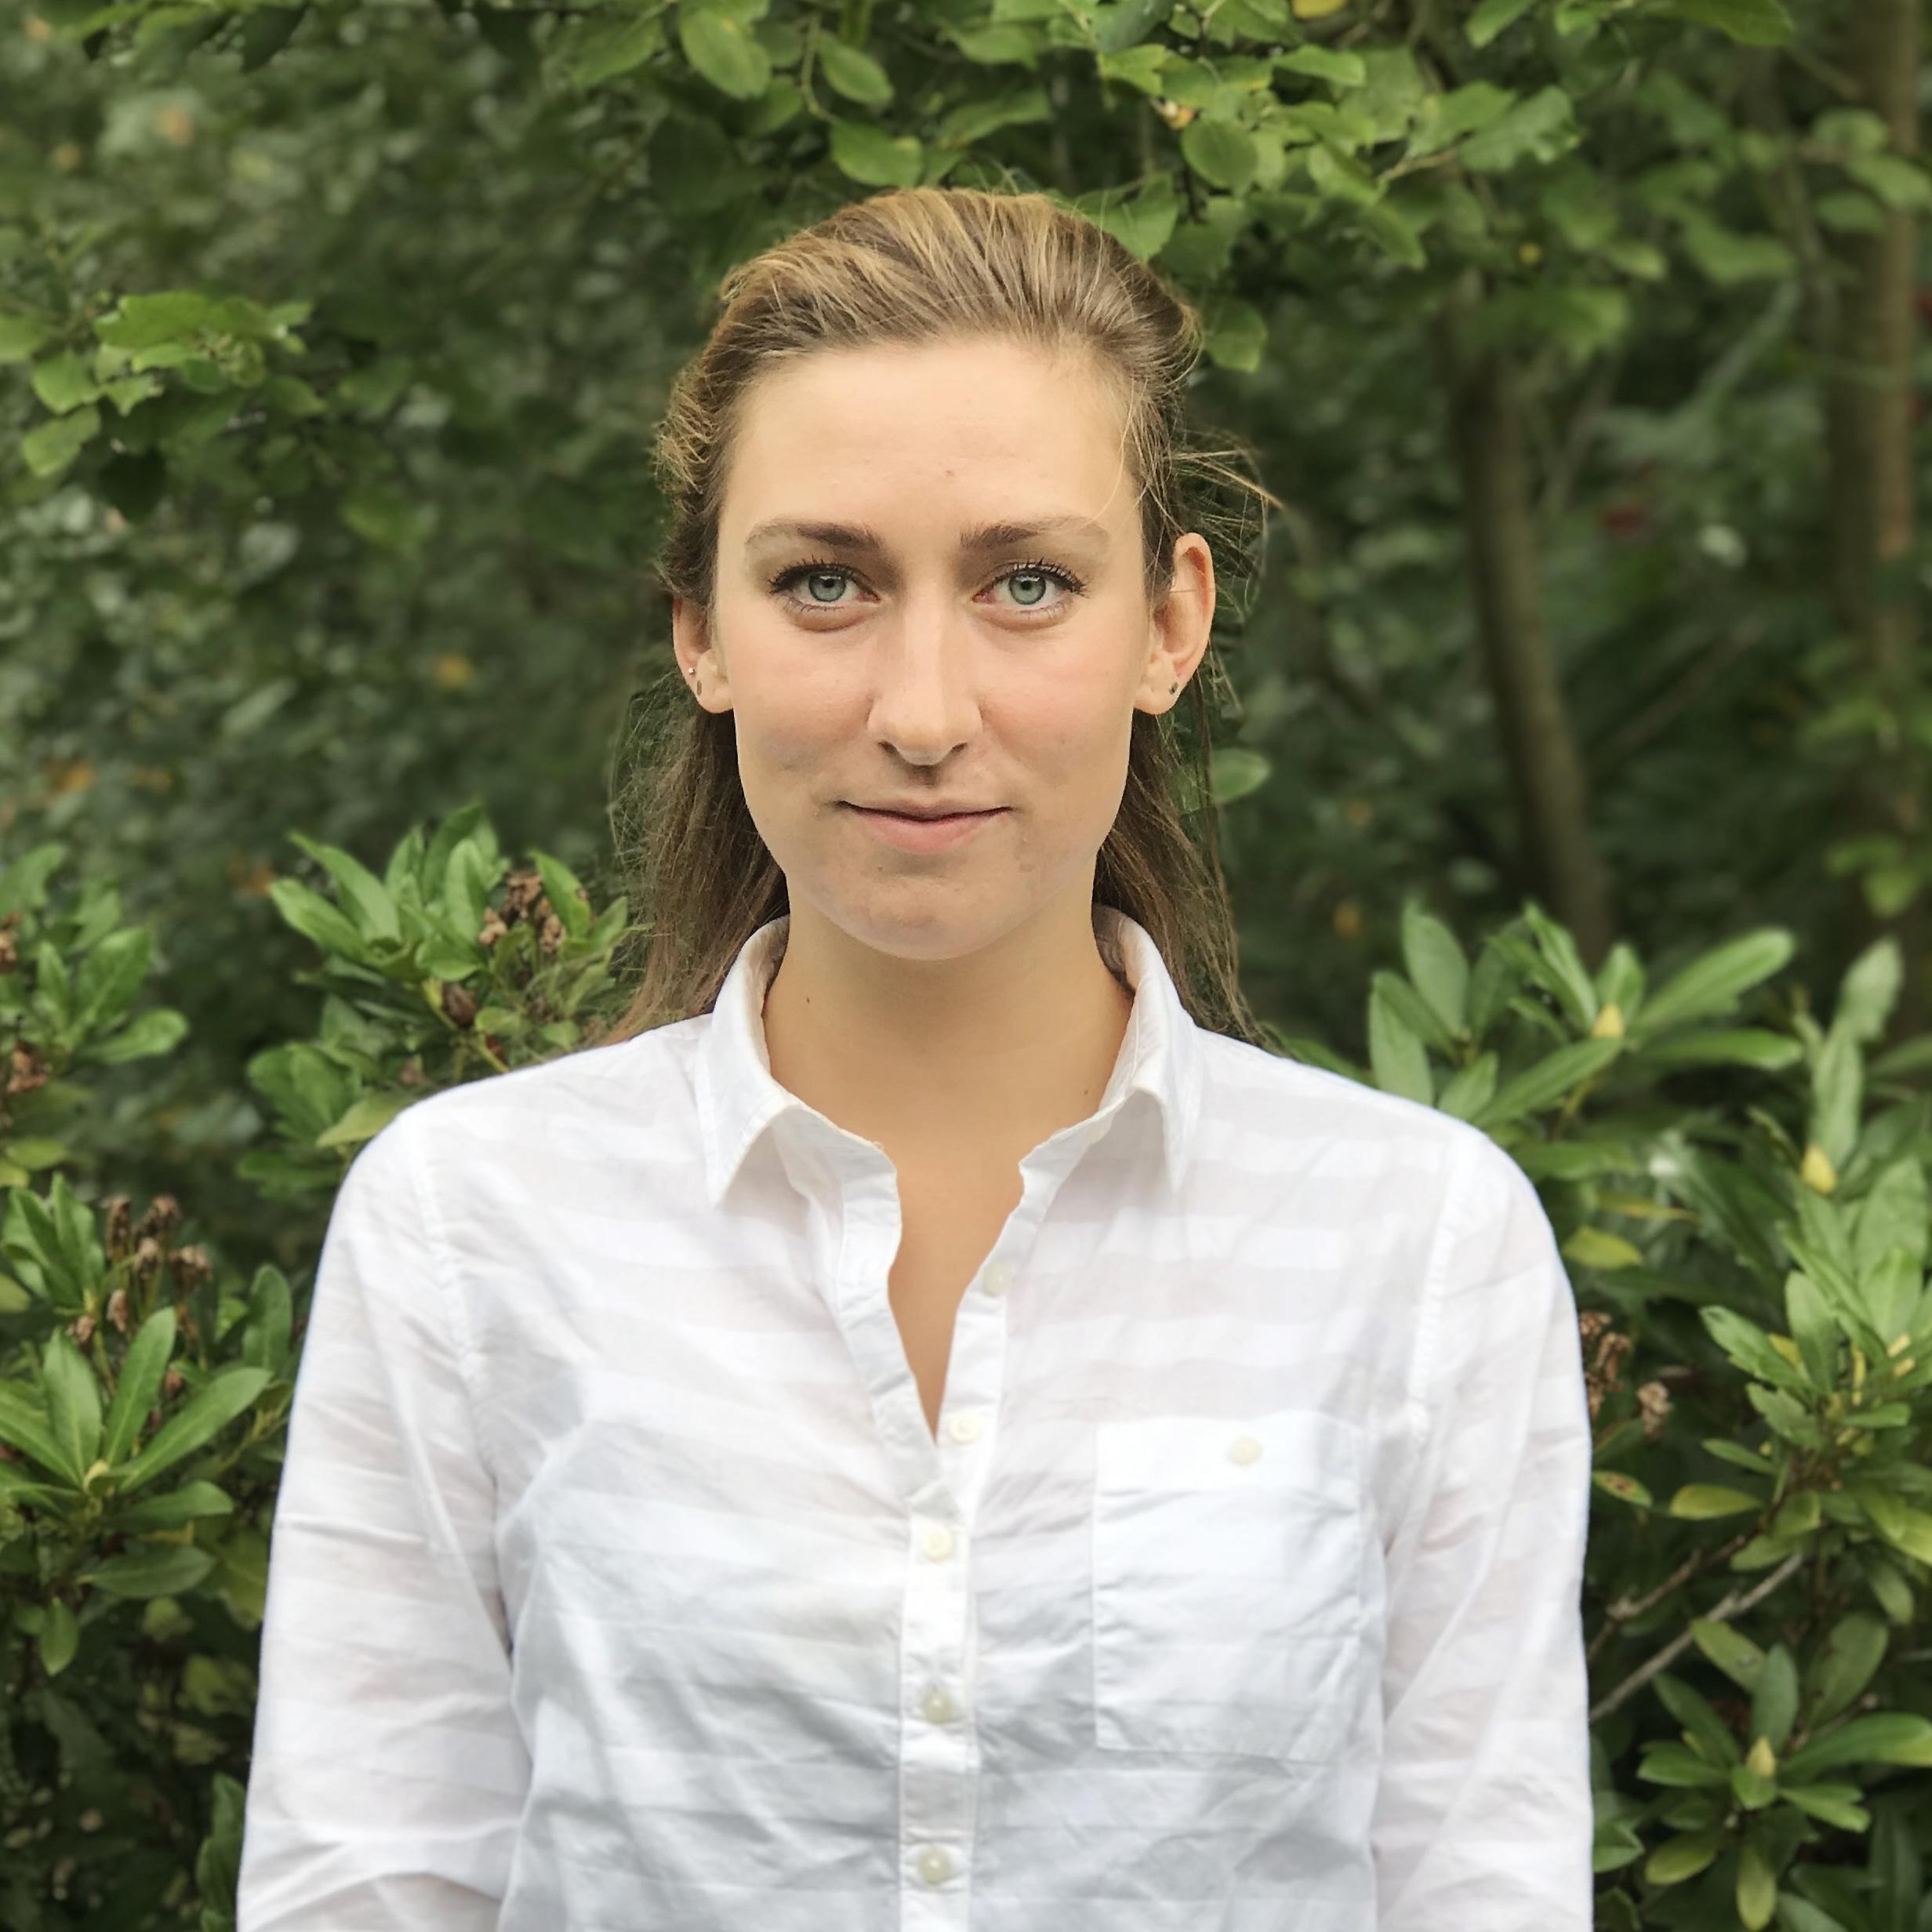 Lisa-Marie van Baaren